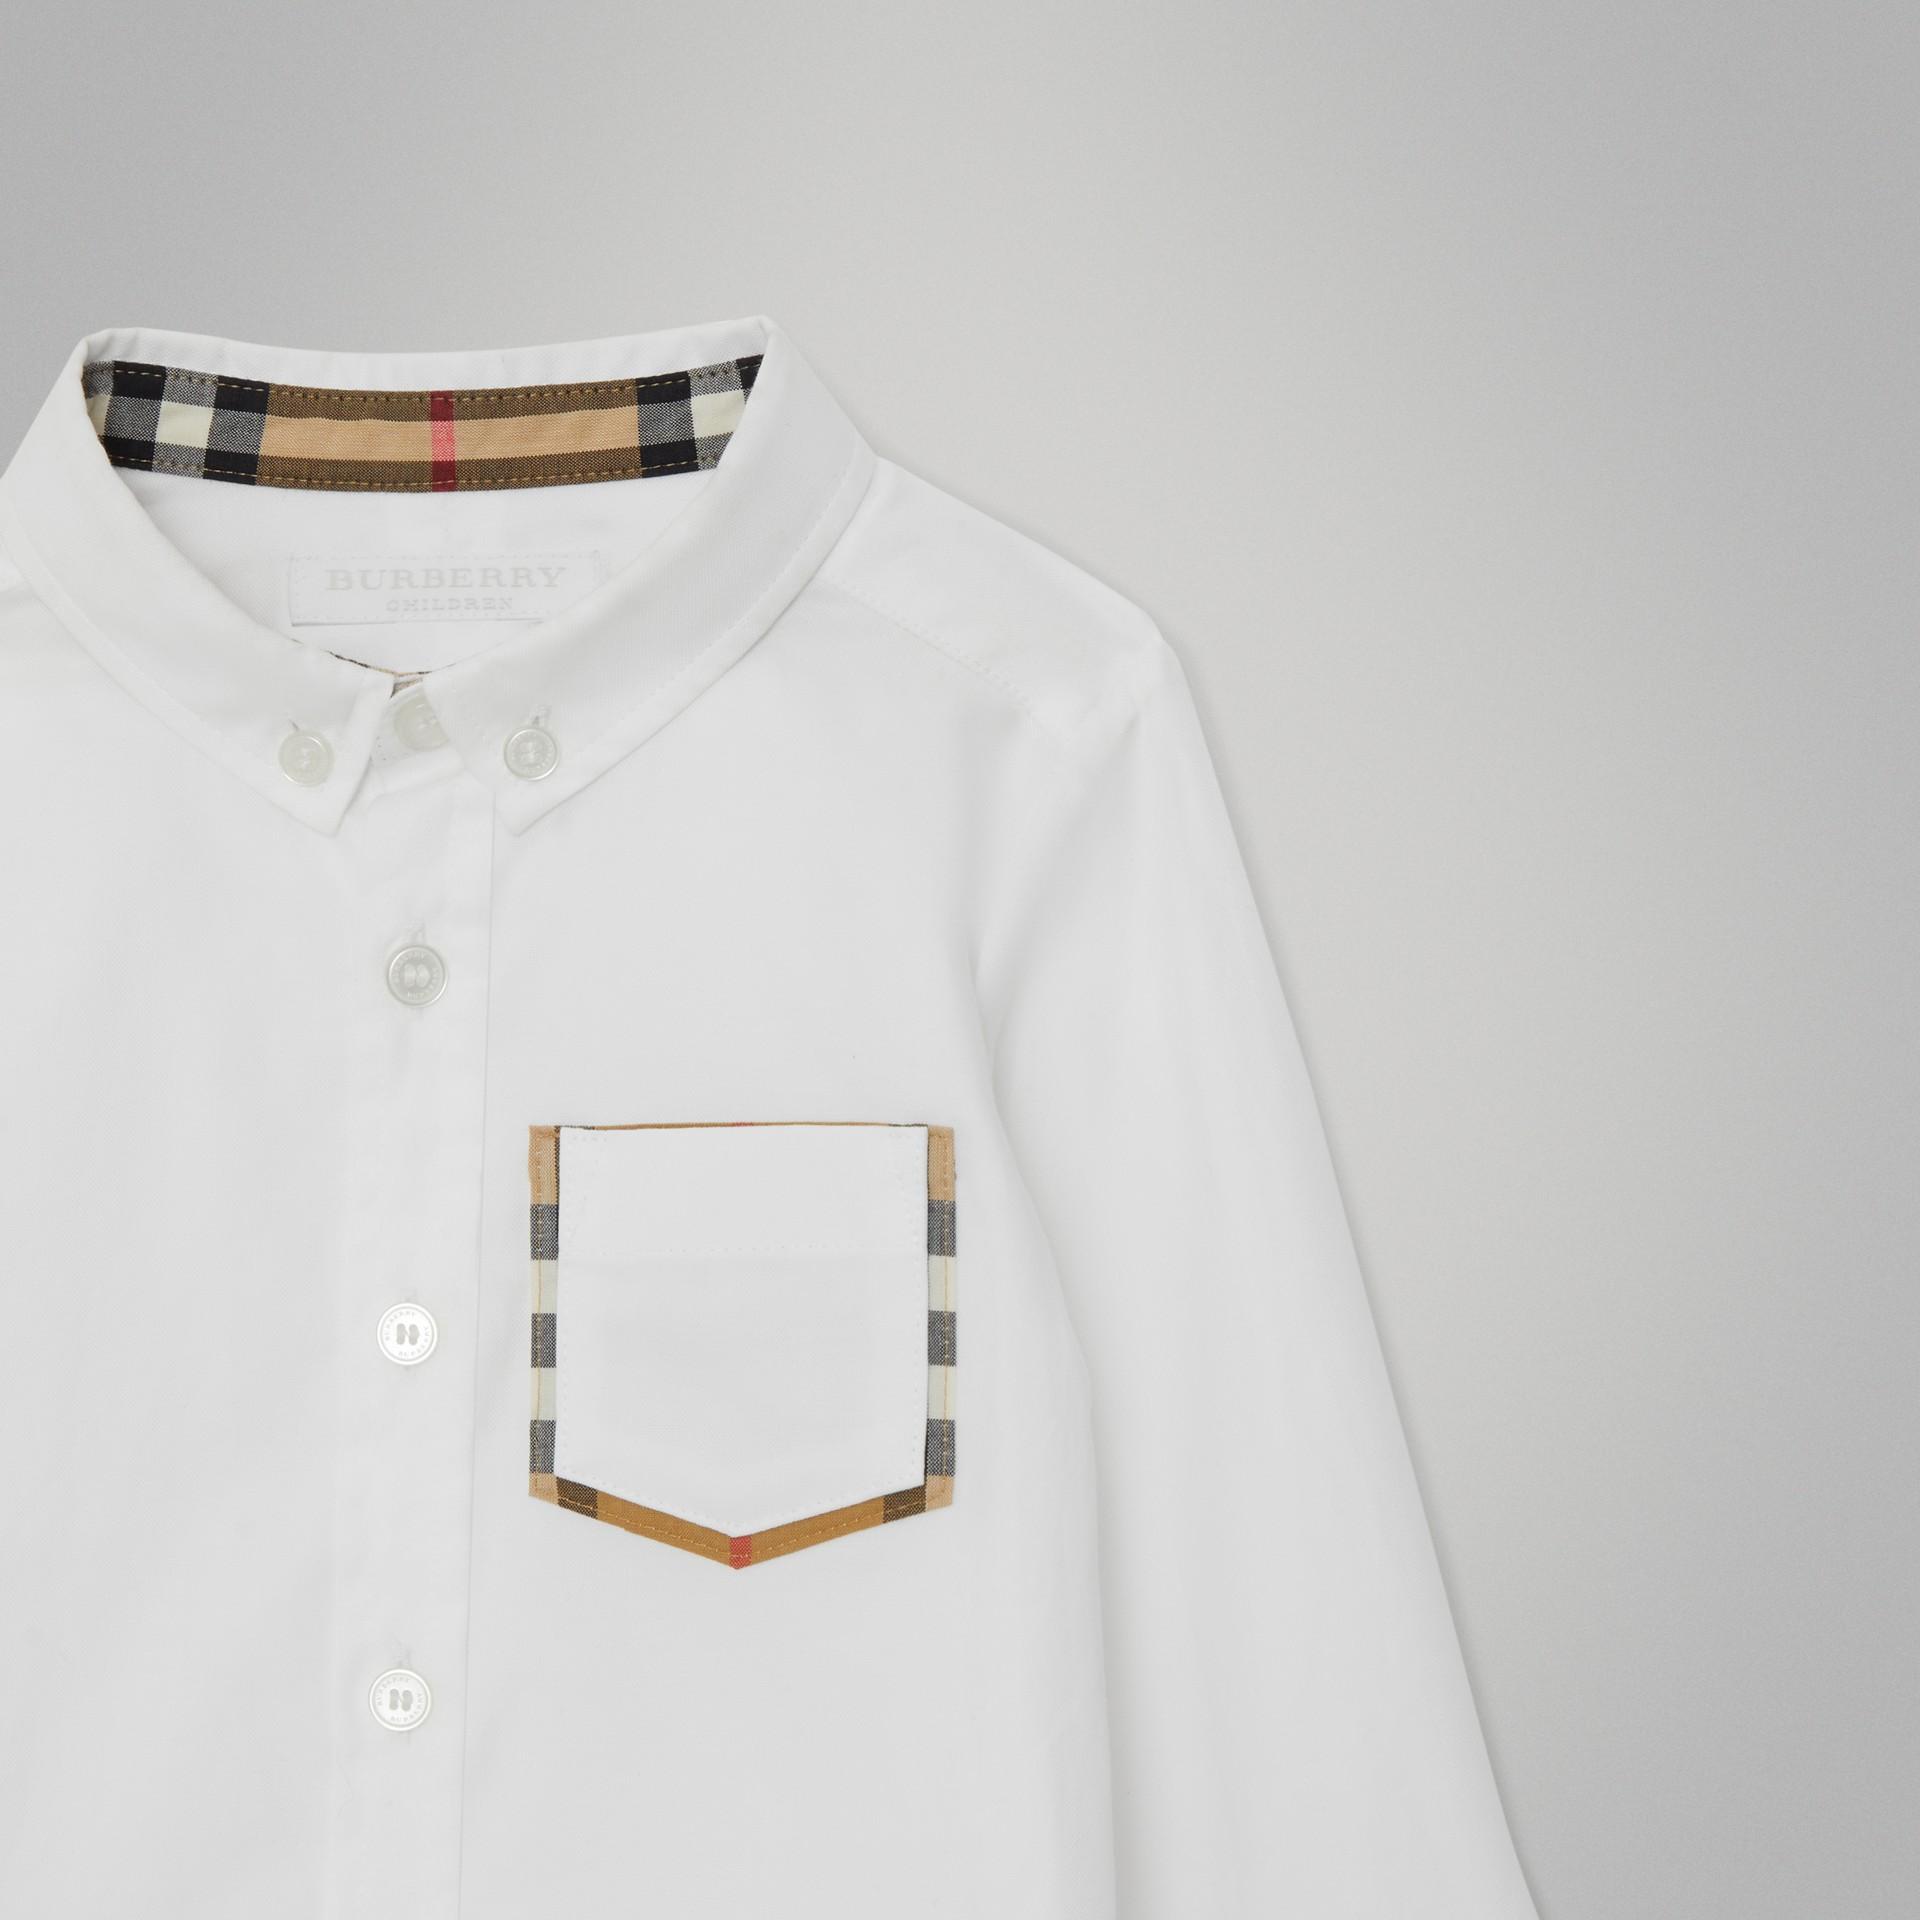 Camisa Oxford de algodão com detalhe xadrez (Branco) - Crianças | Burberry - galeria de imagens 4